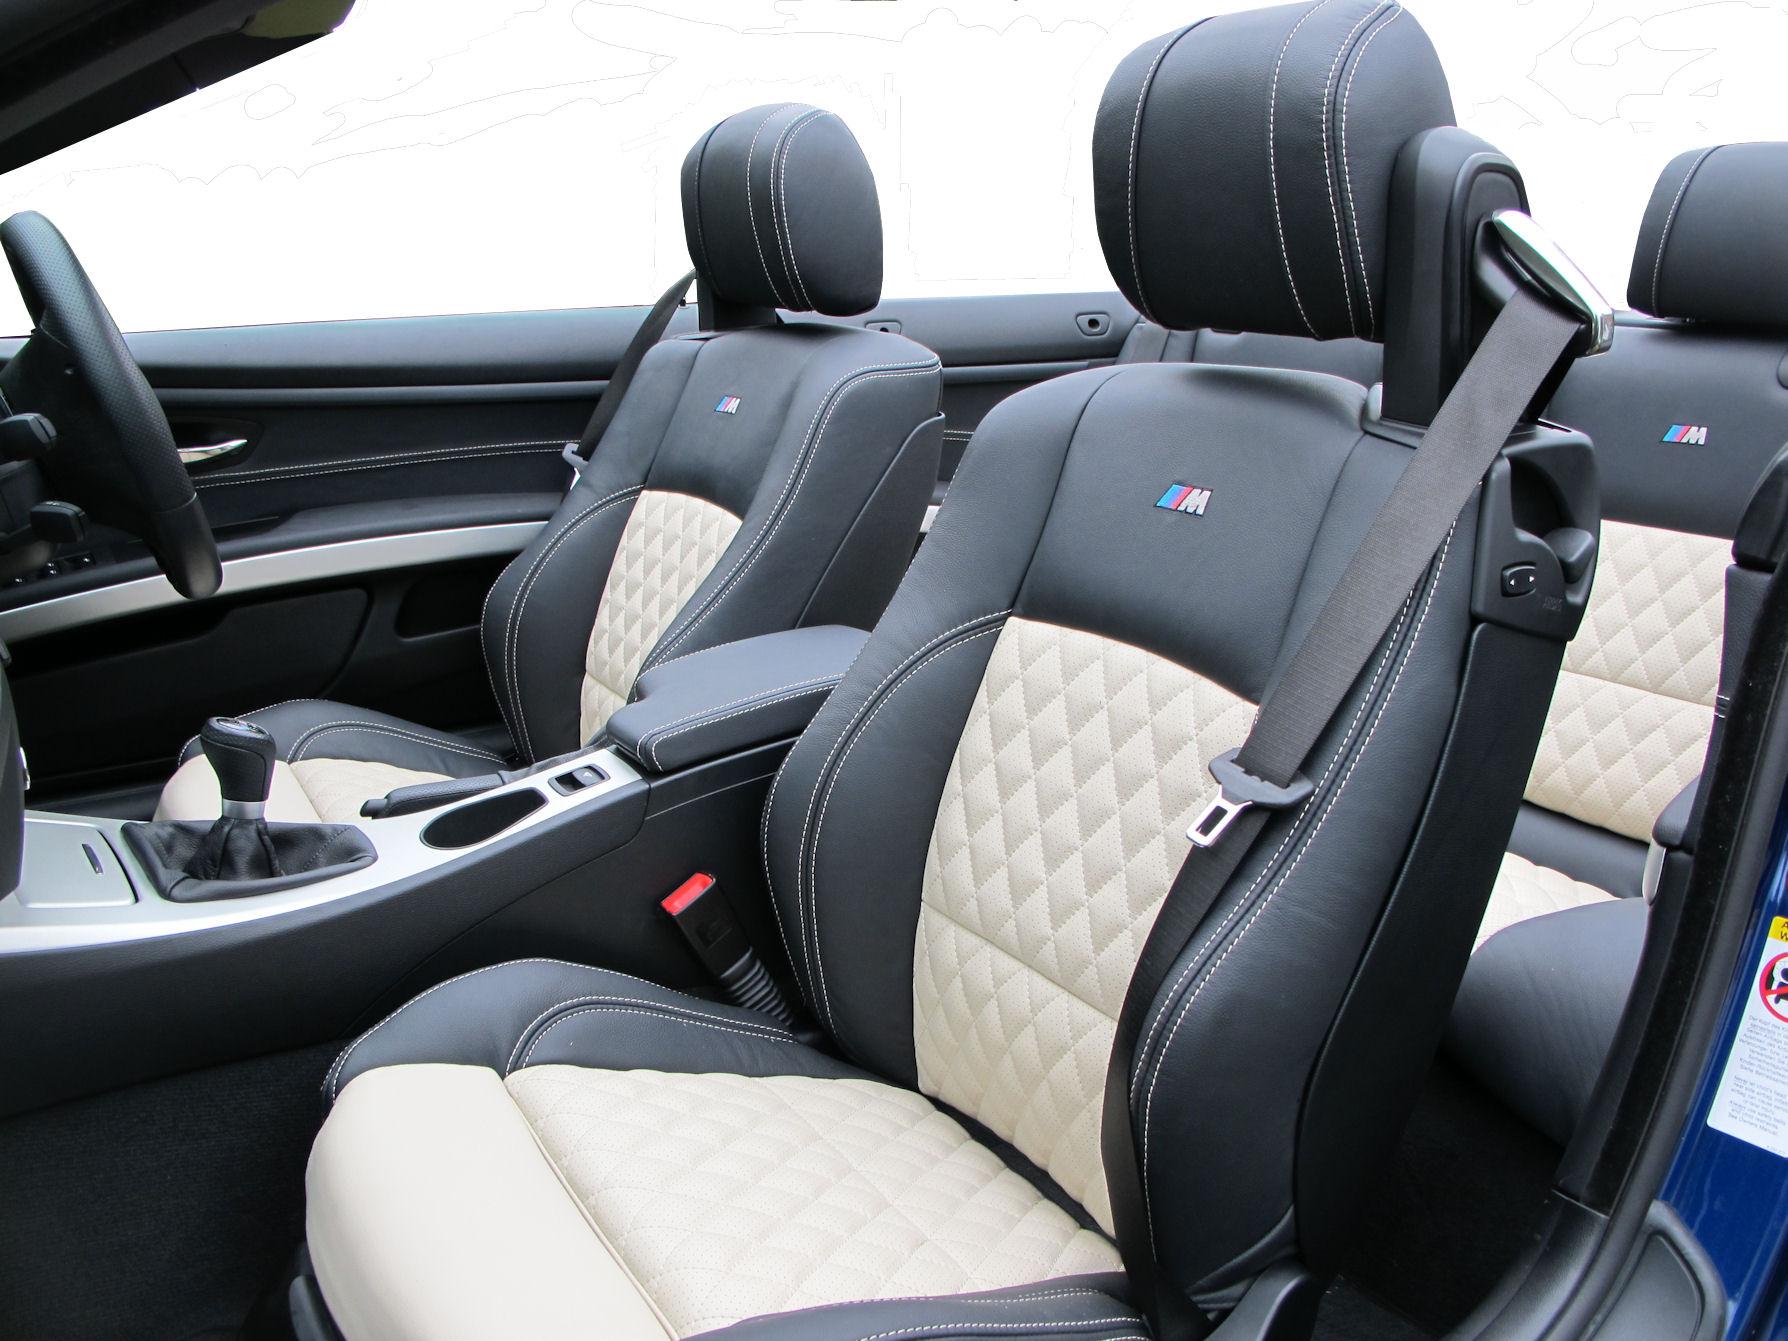 BMW 3 Series - Bespoke design - Seat Surgeons